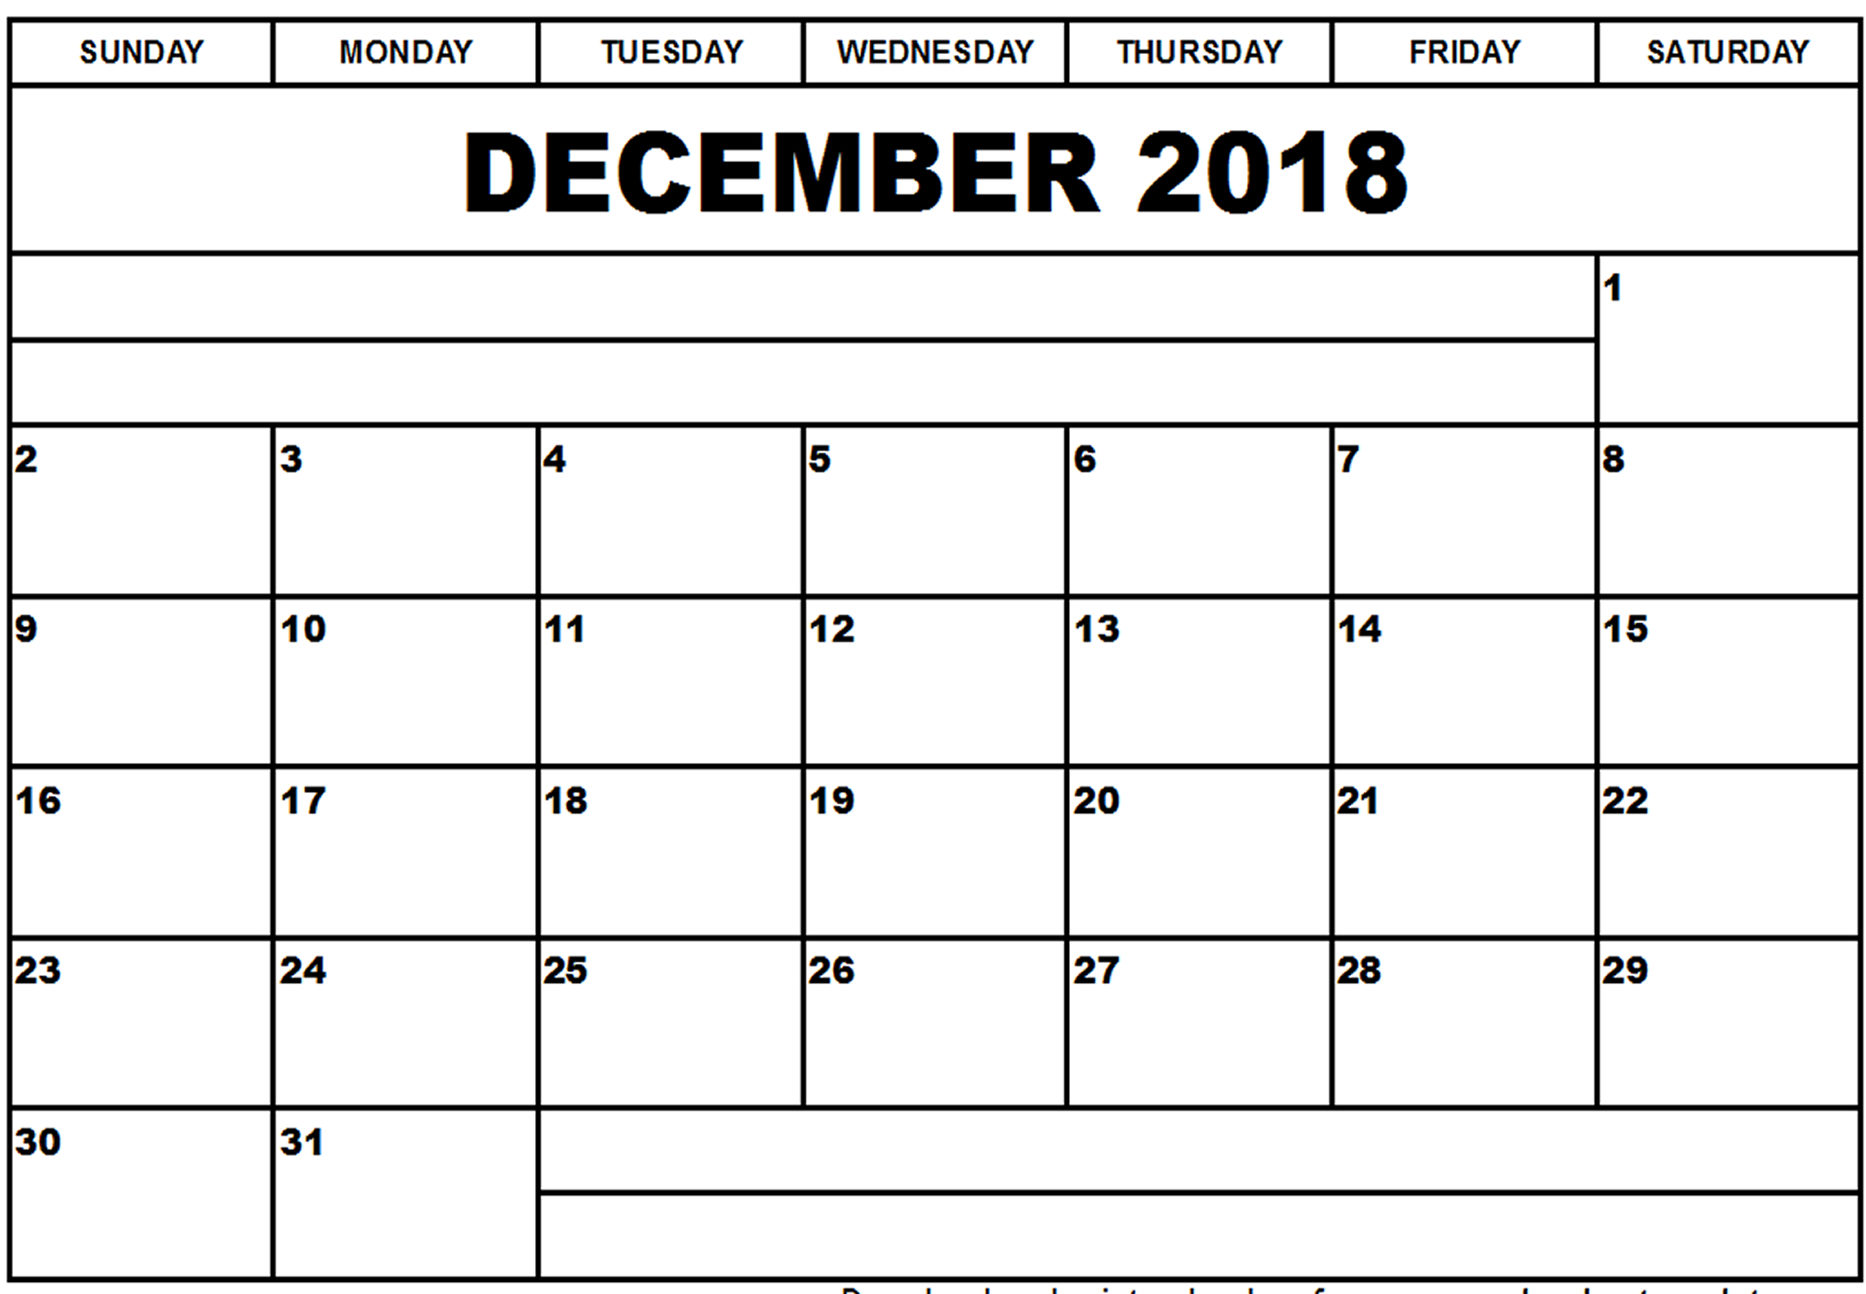 December 2018 Calendar Word Template